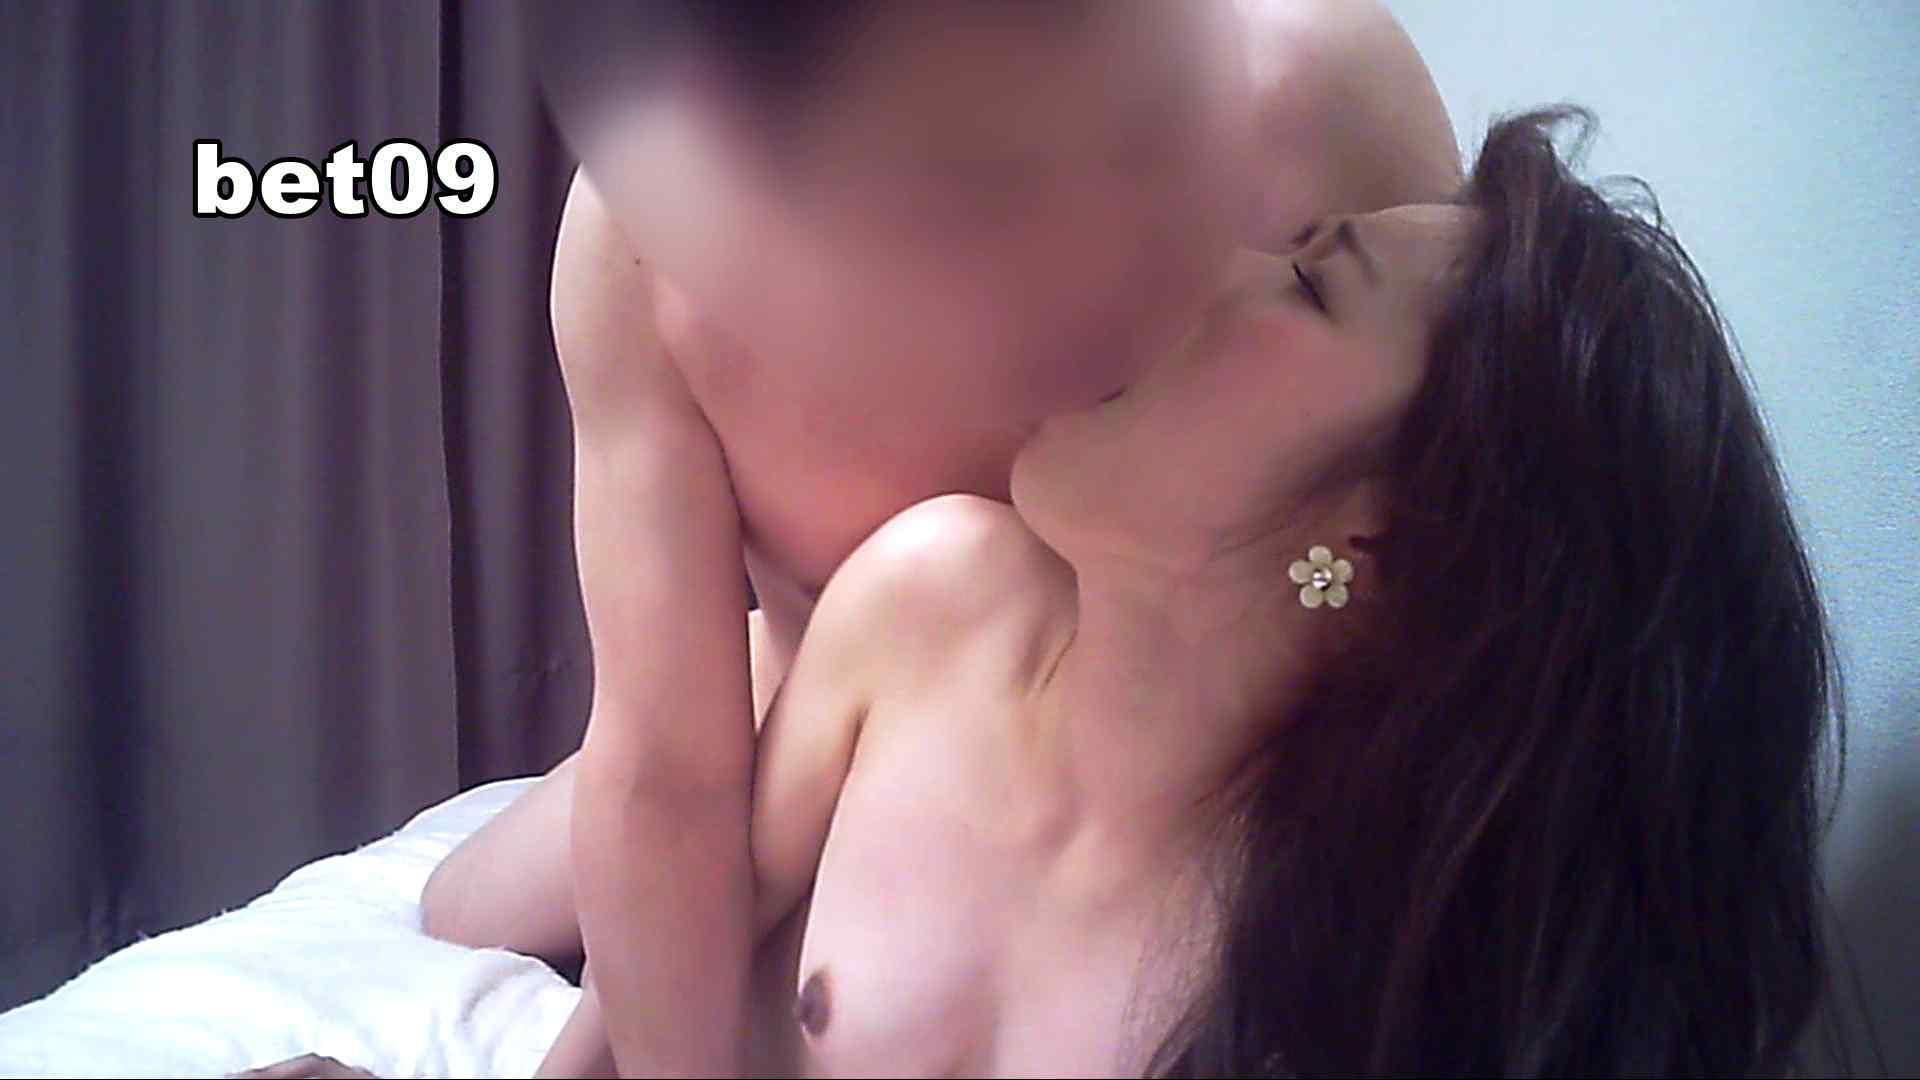 ミキ・大手旅行代理店勤務(24歳・仮名) vol.09 ミキの顔が紅潮してきます セックス AV無料動画キャプチャ 86枚 71